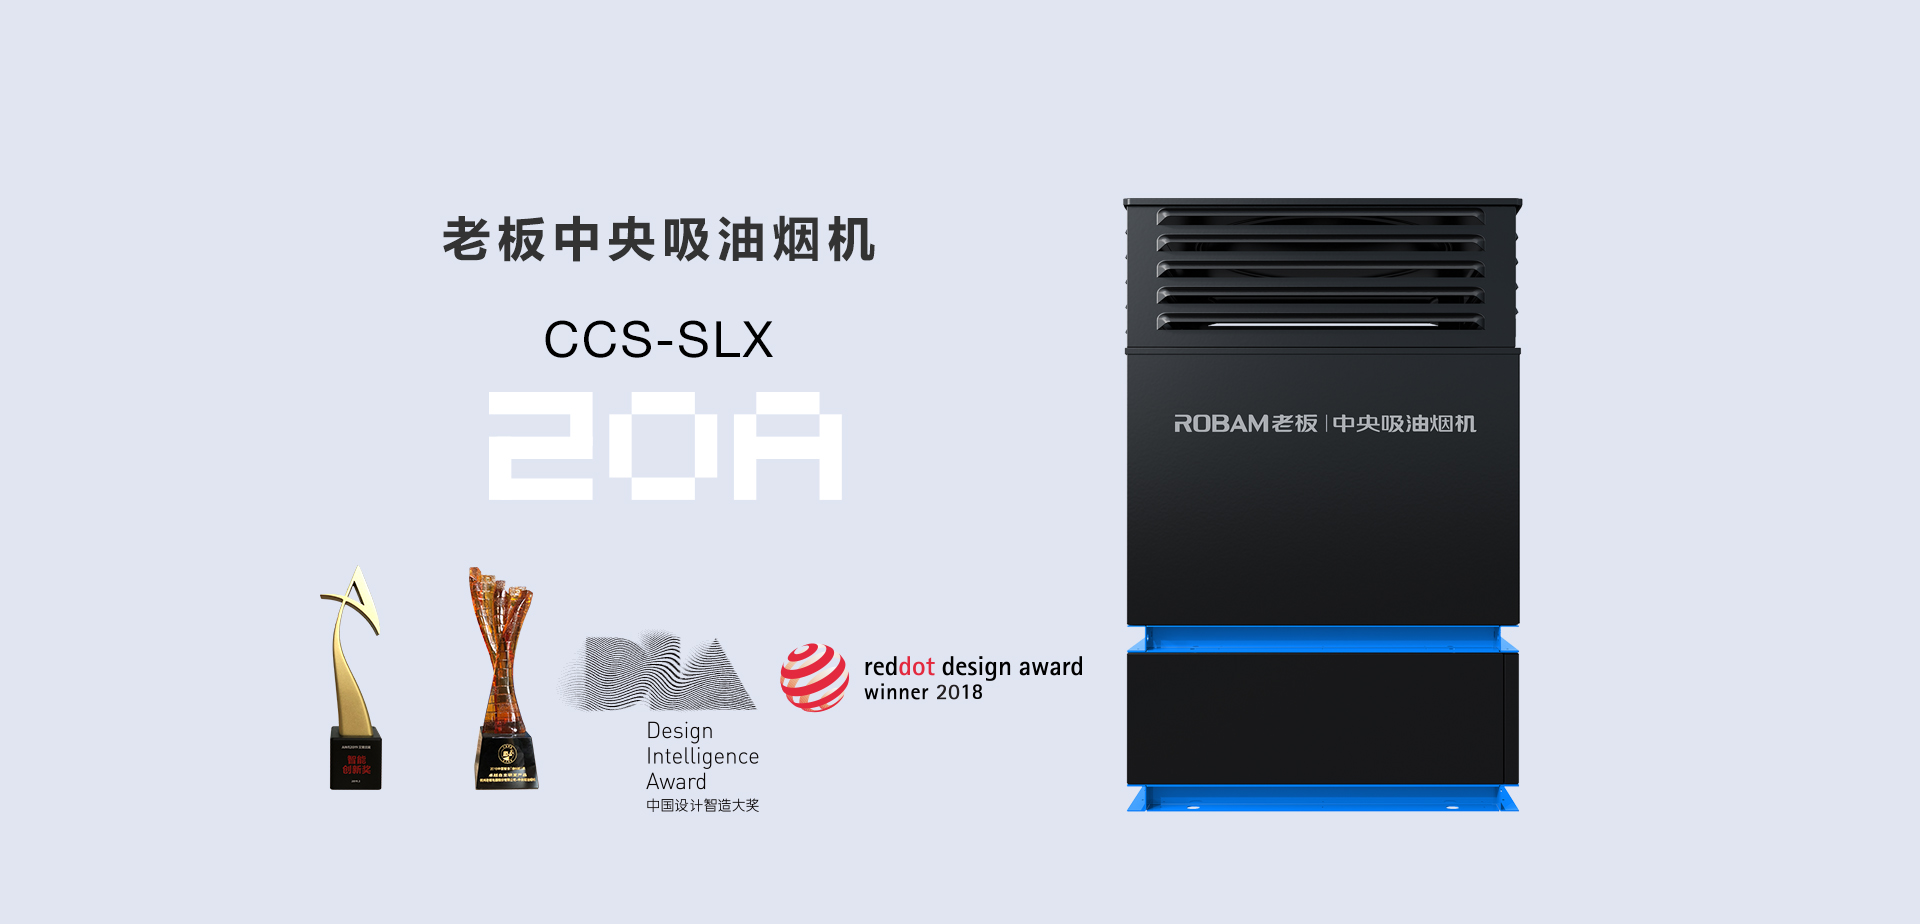 CCS-SLX-20A-详情页-PC端-201225_01.png